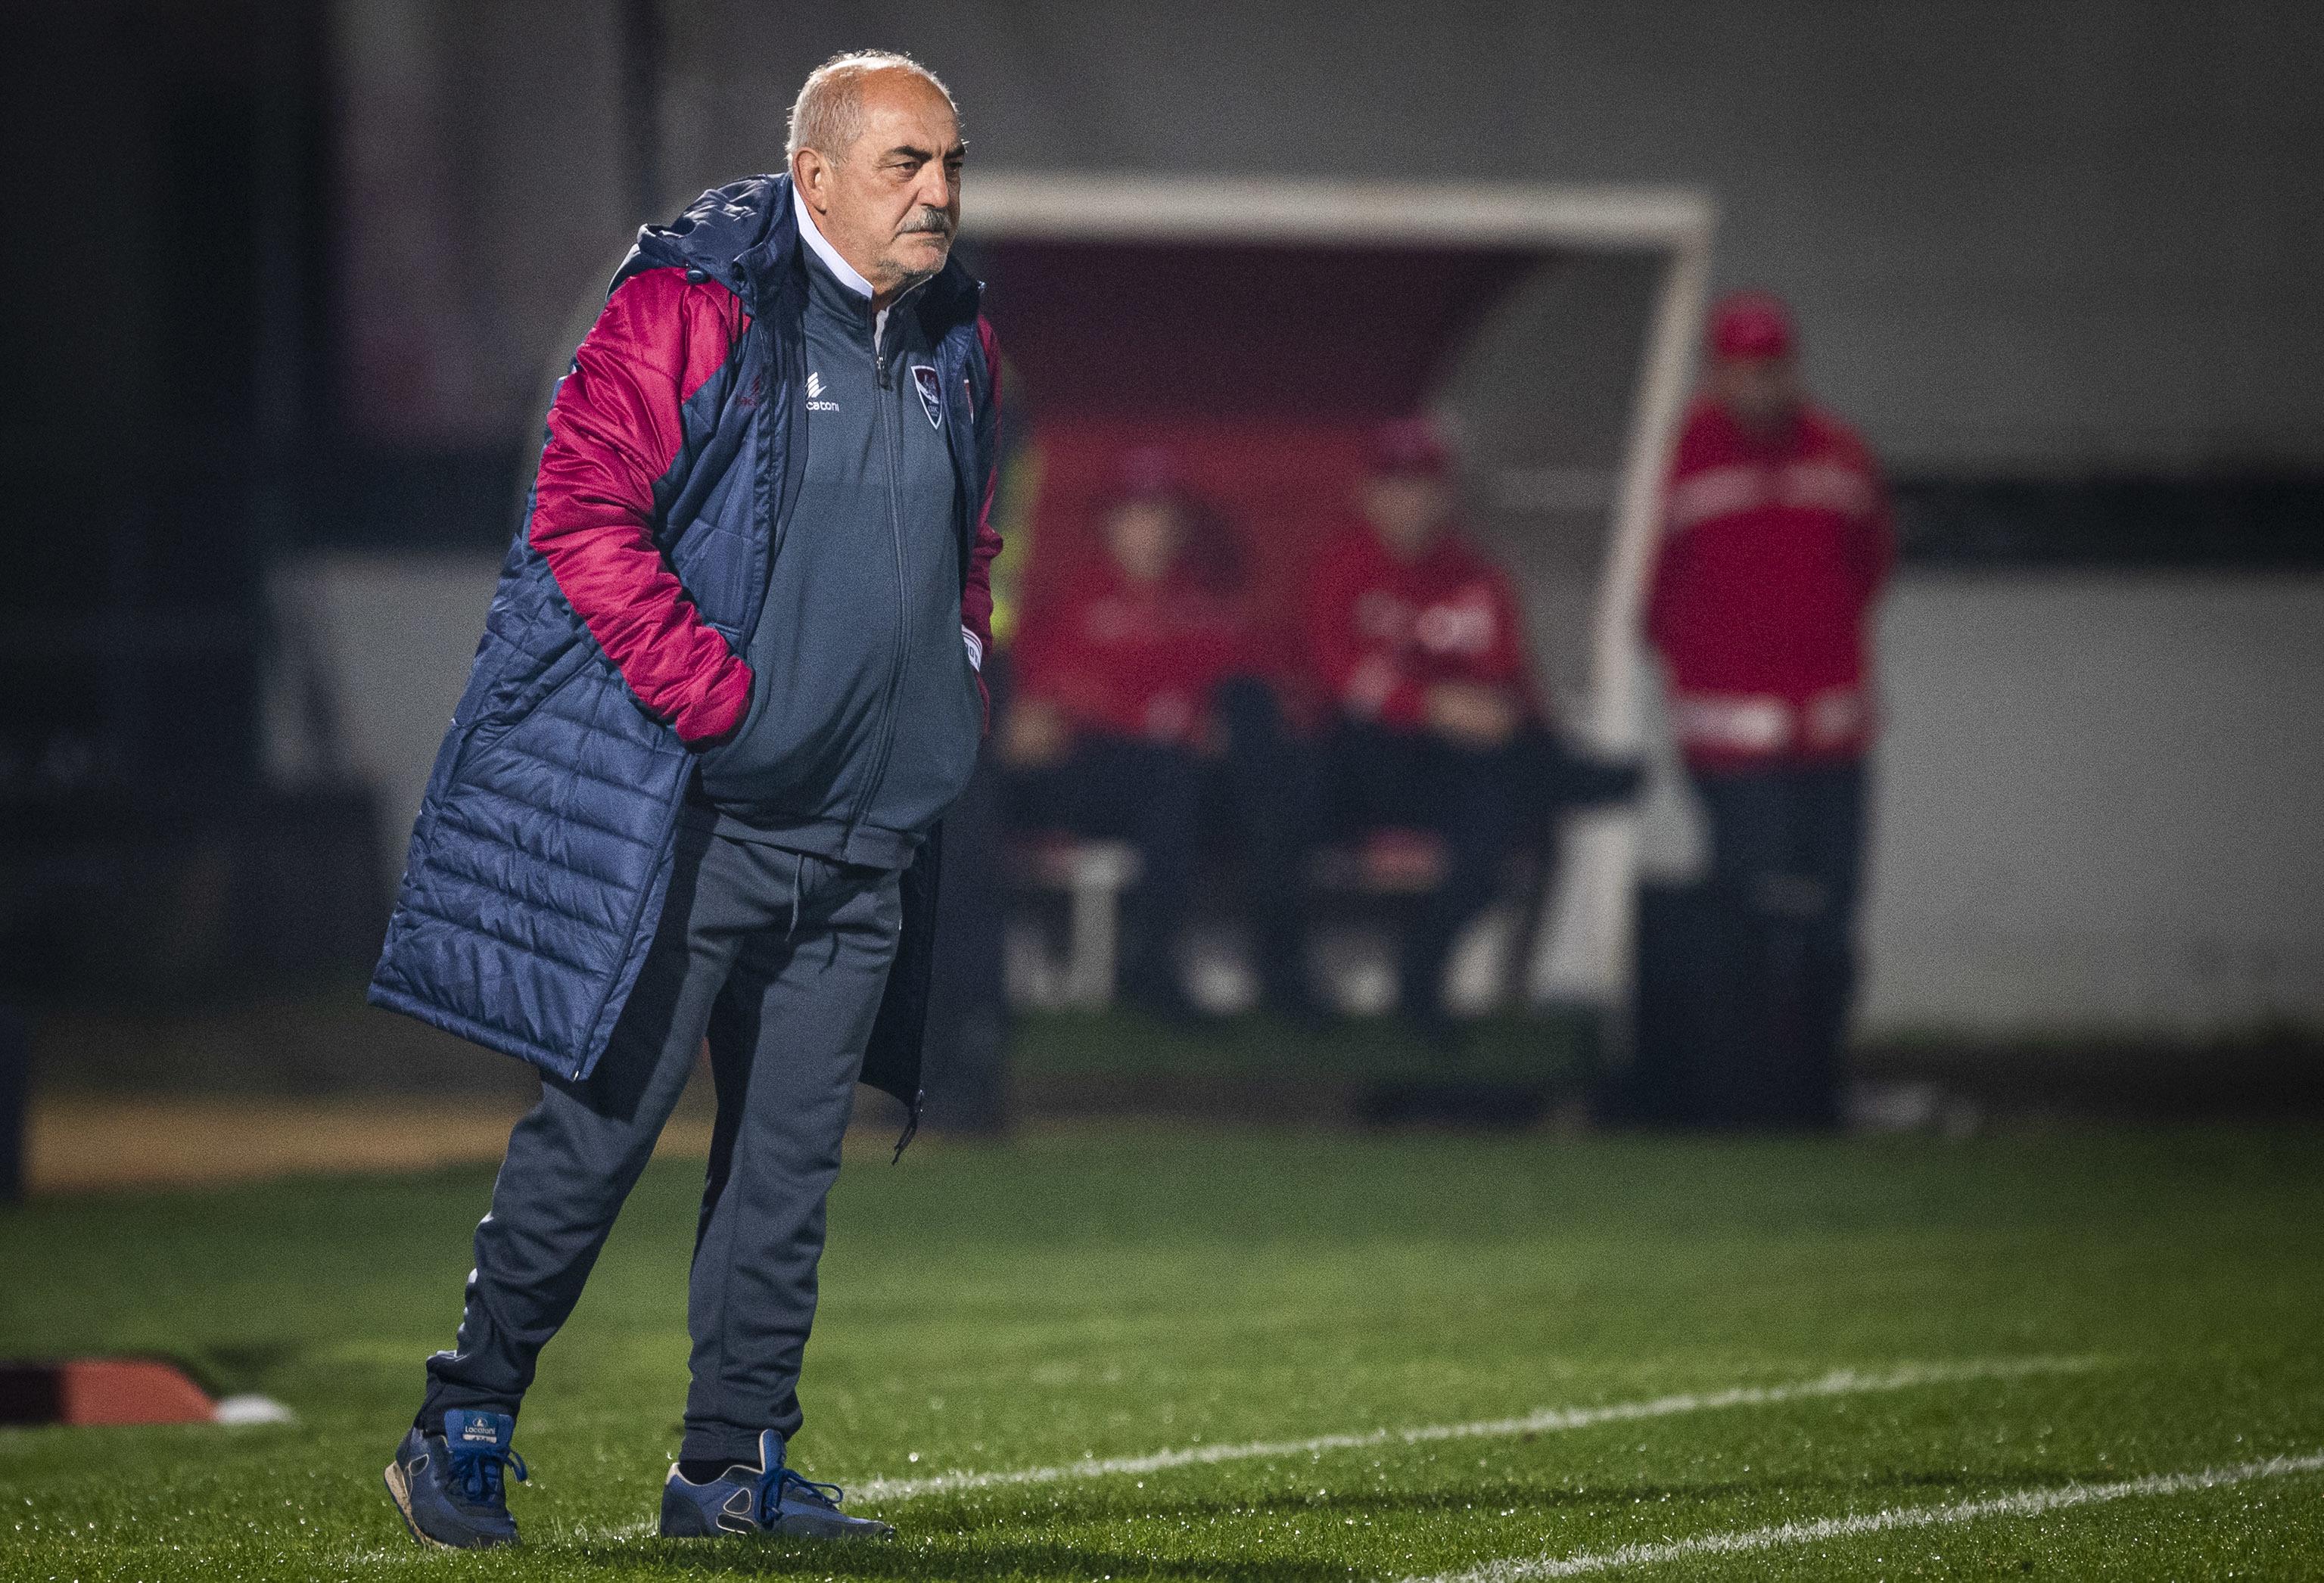 """Vítor Oliveira preocupado com """"qualidade e organização"""" do Vitória de Guimarães"""